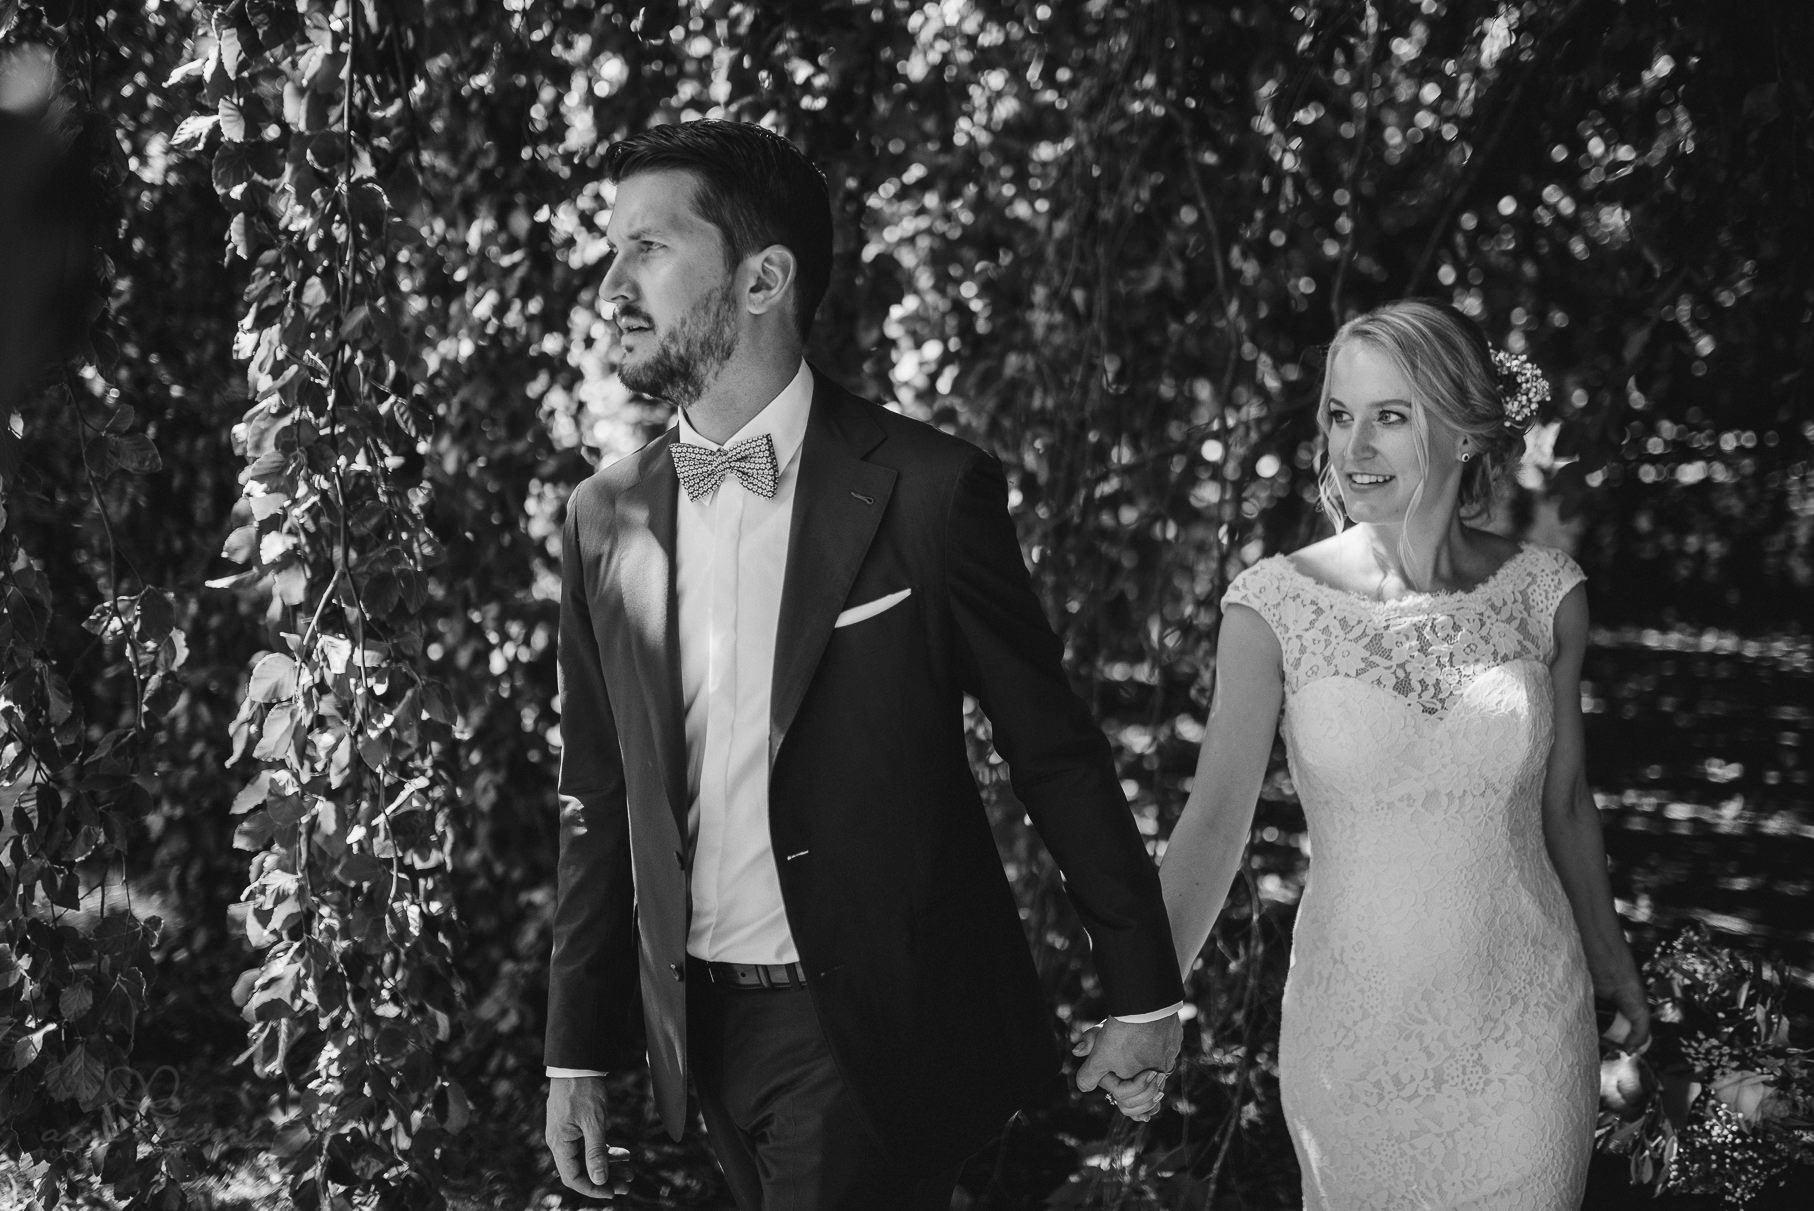 0079 anne und bjoern hochzeit schweiz d75 1013 - DIY Hochzeit in der Schweiz - Sabrina & Christoph